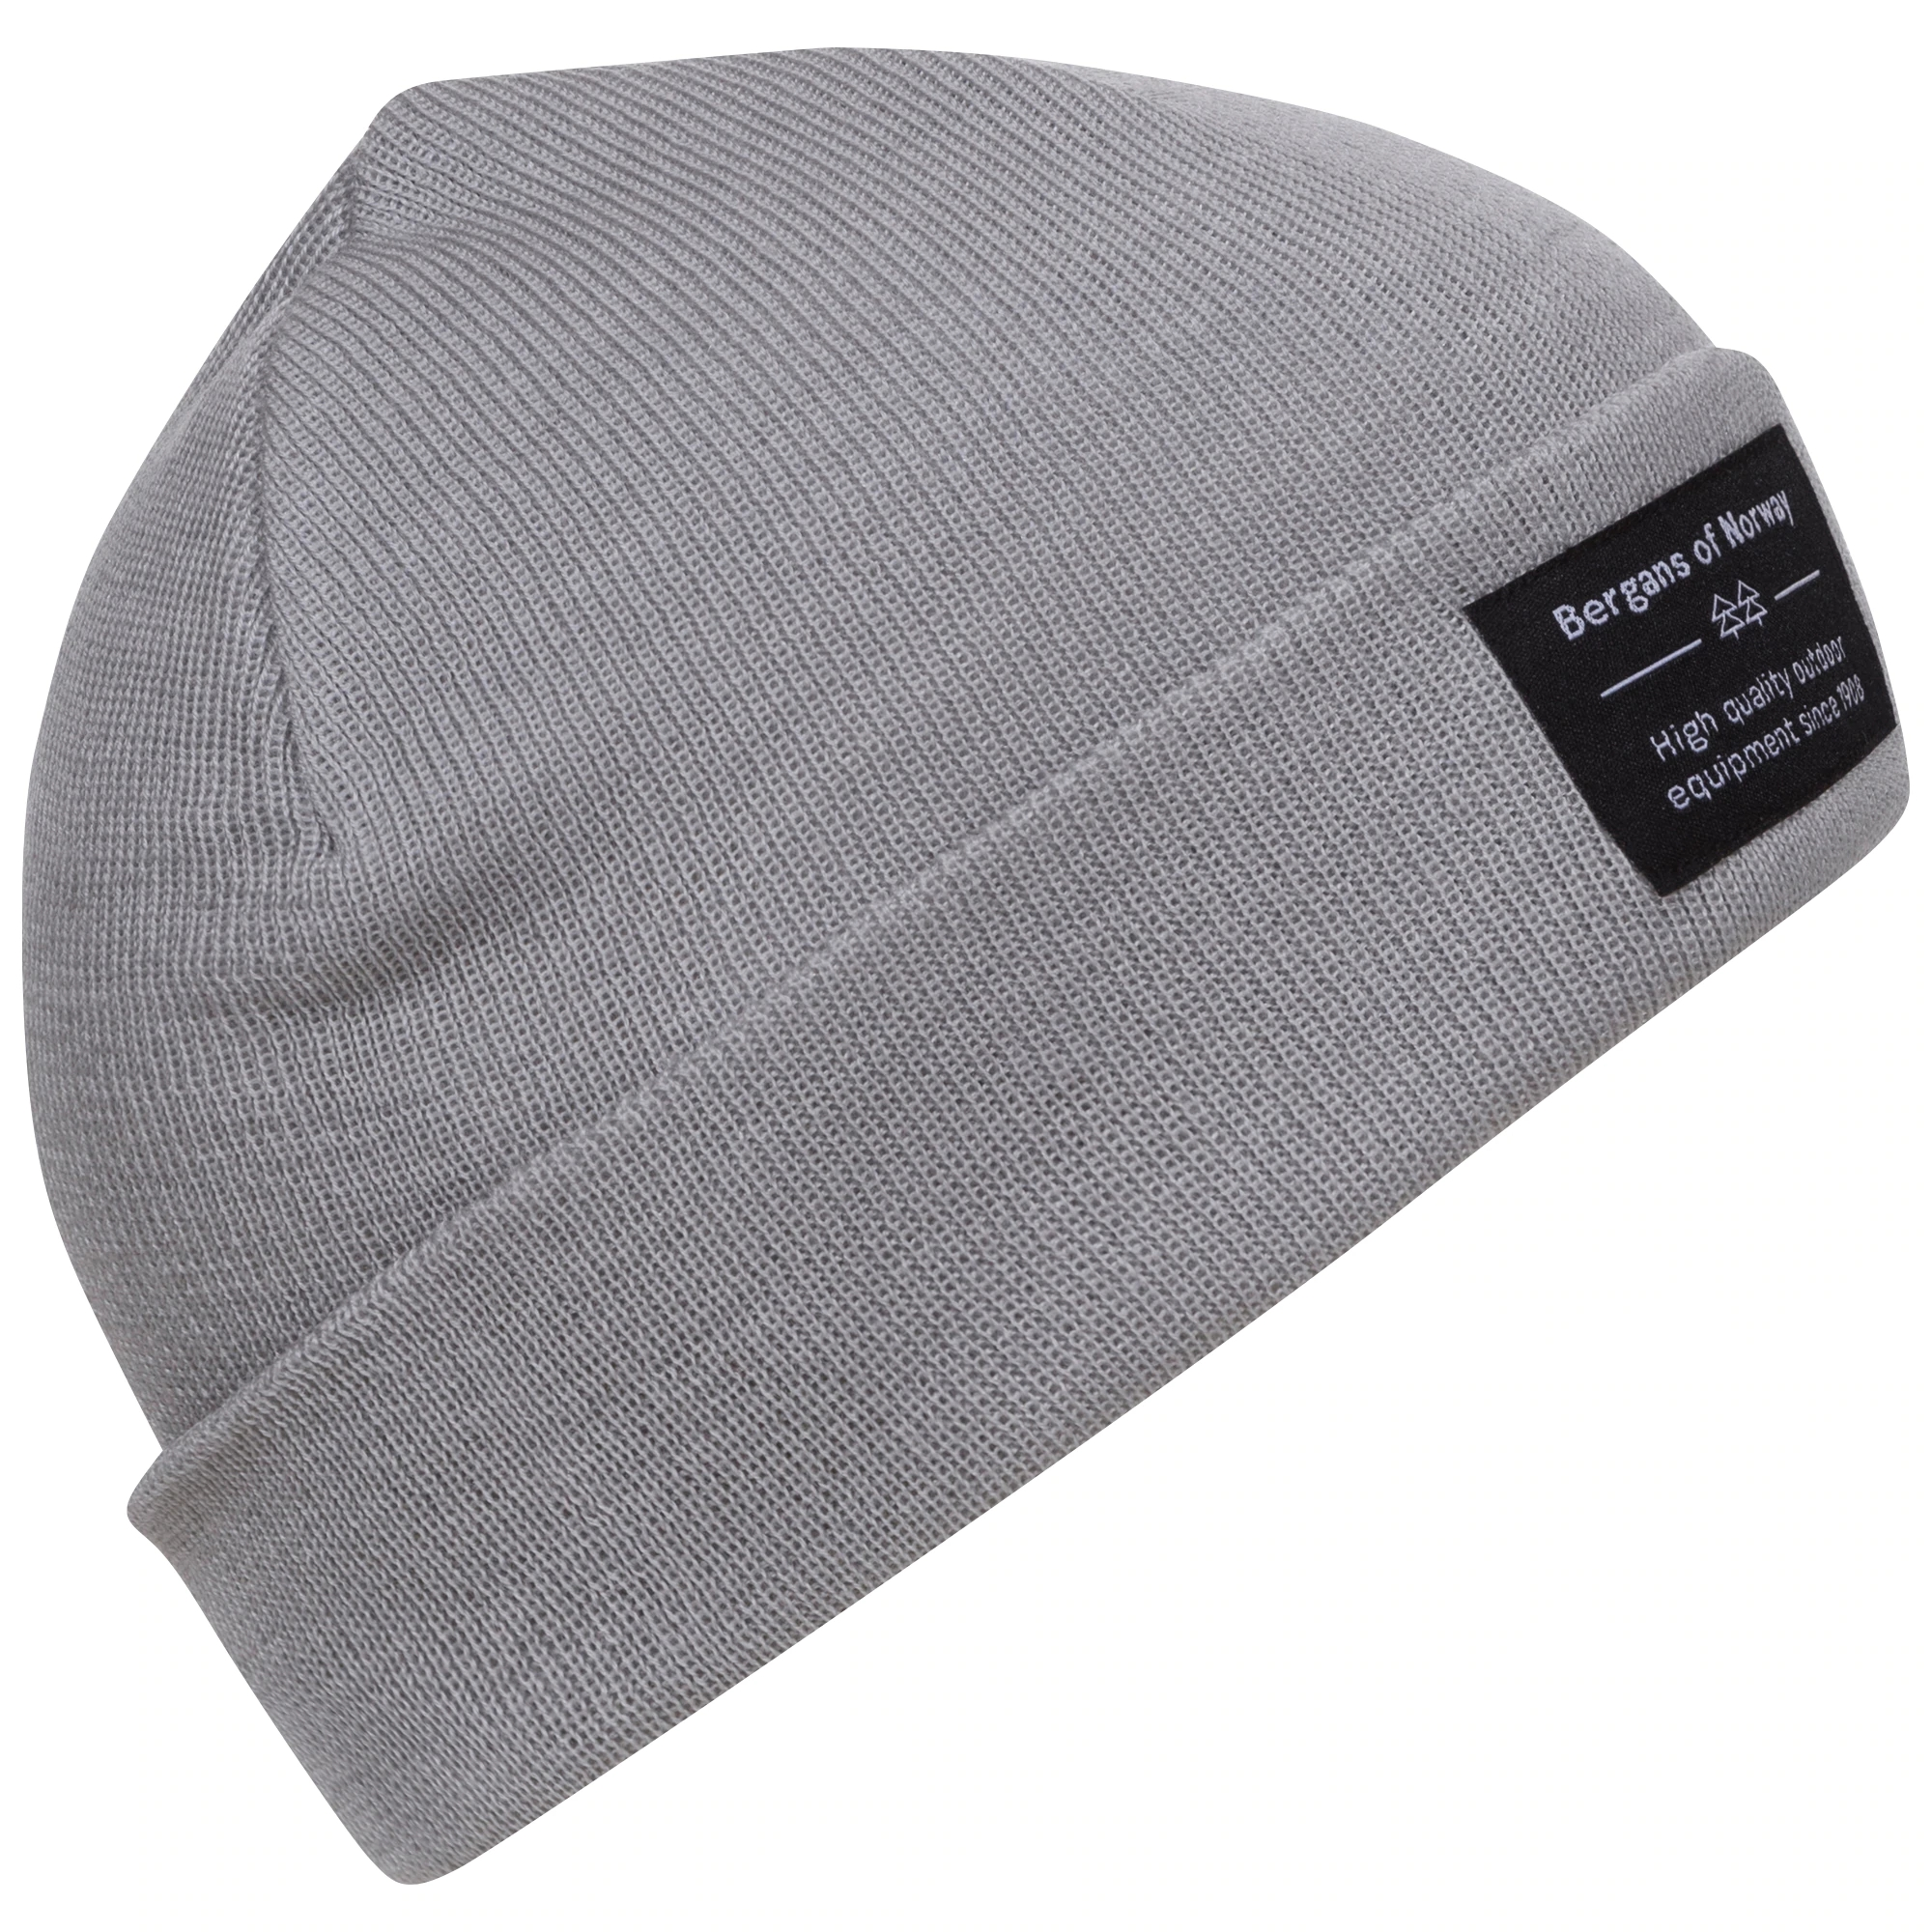 Caciula Bergans Fine Knit - Aluminium la Reducere poza